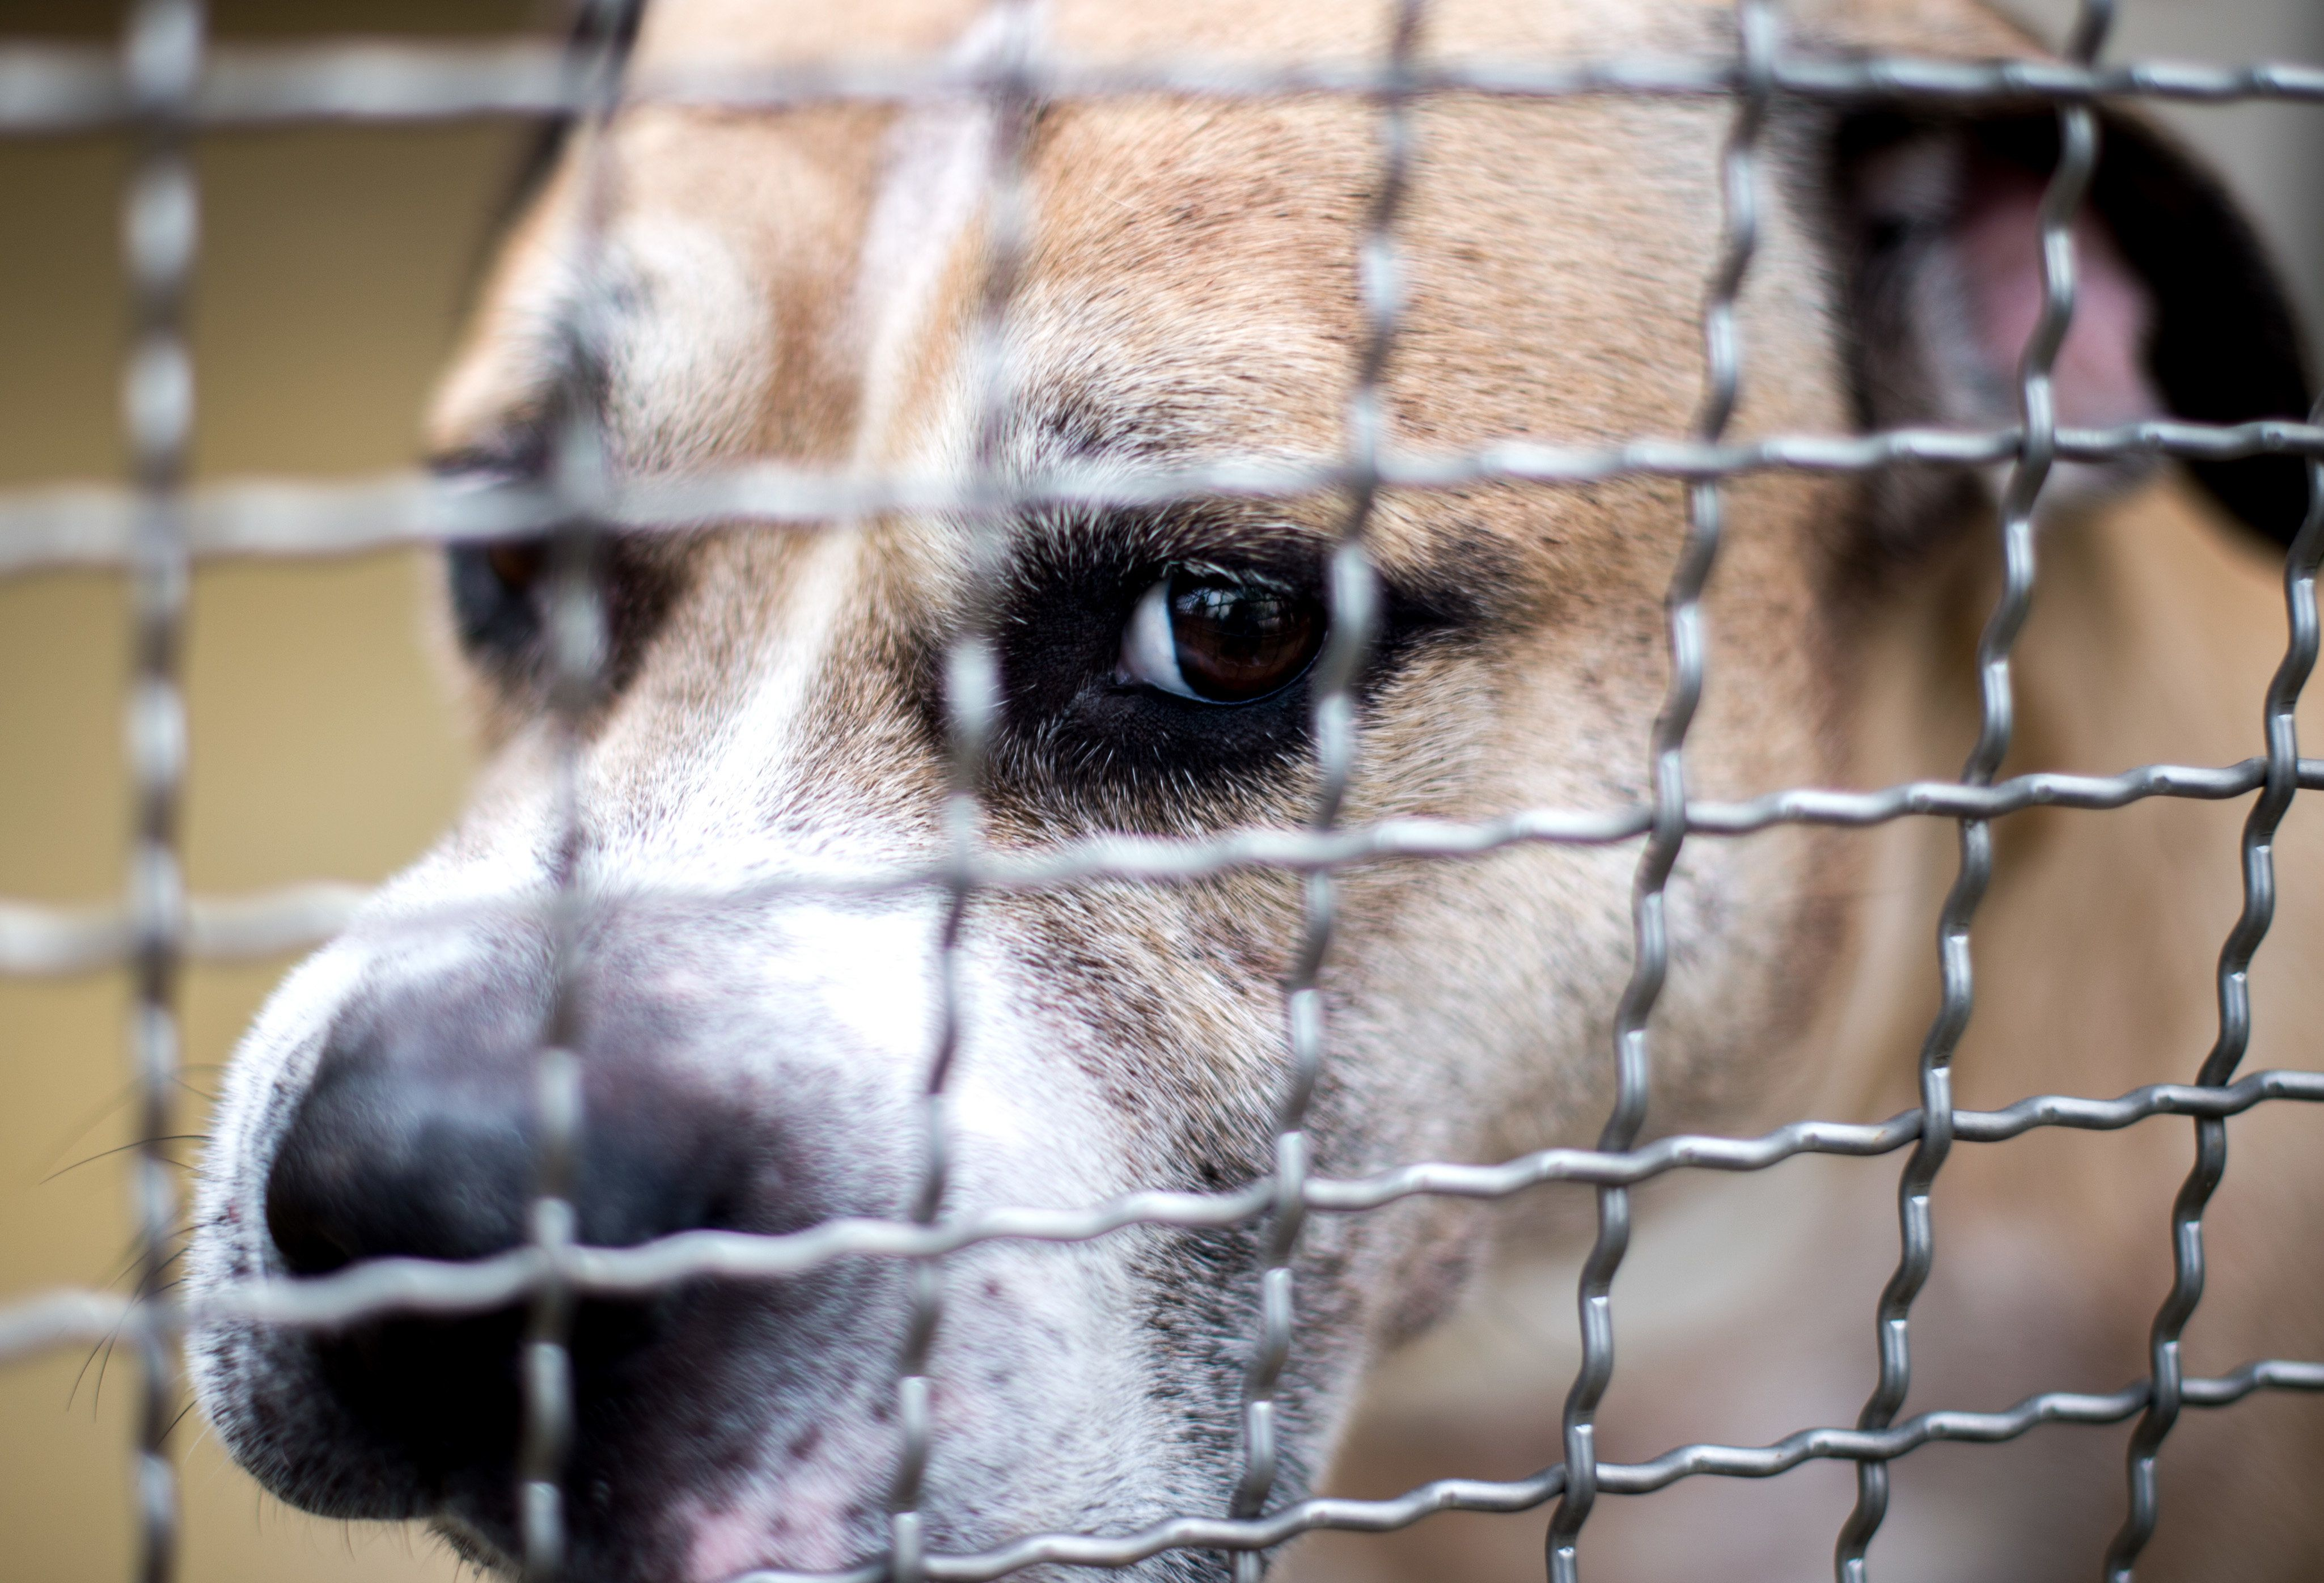 2011 bereits hatte das Veterinäramt Hinweise auf eine gesteigerte Aggressivität des Hundes und eine mangelnde Eignung des Halters erhalten.